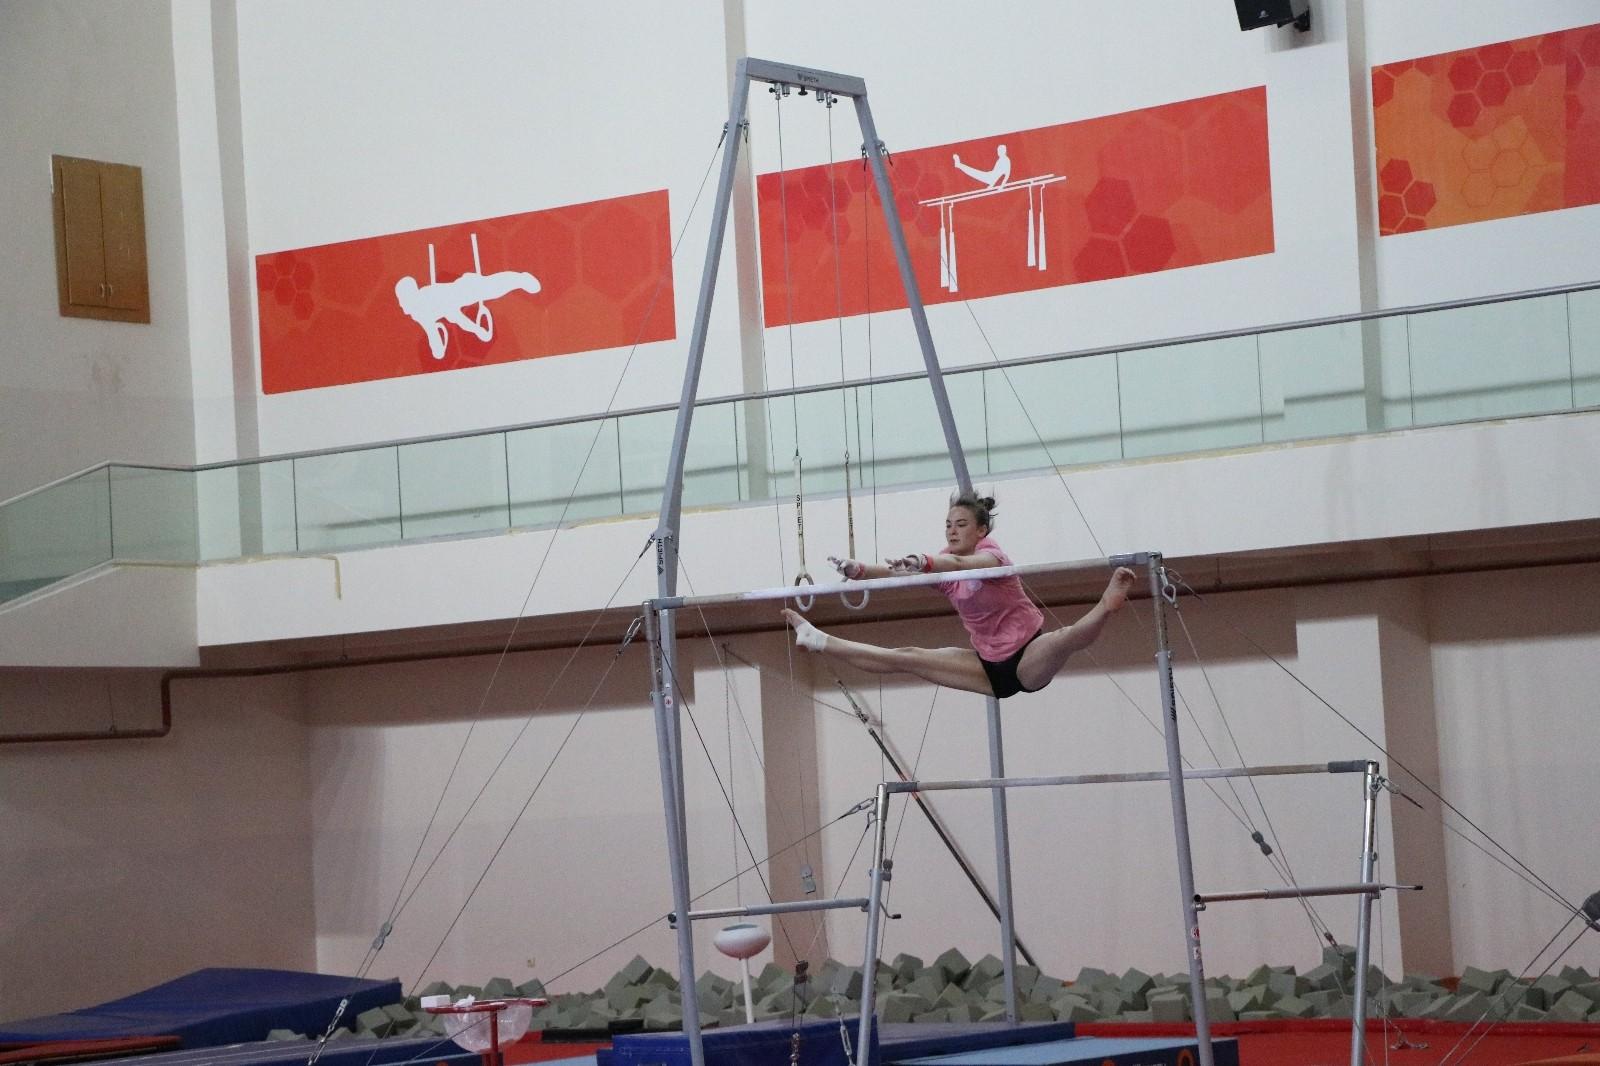 artistik cimnastik milli takimi mersinde kampa girdi